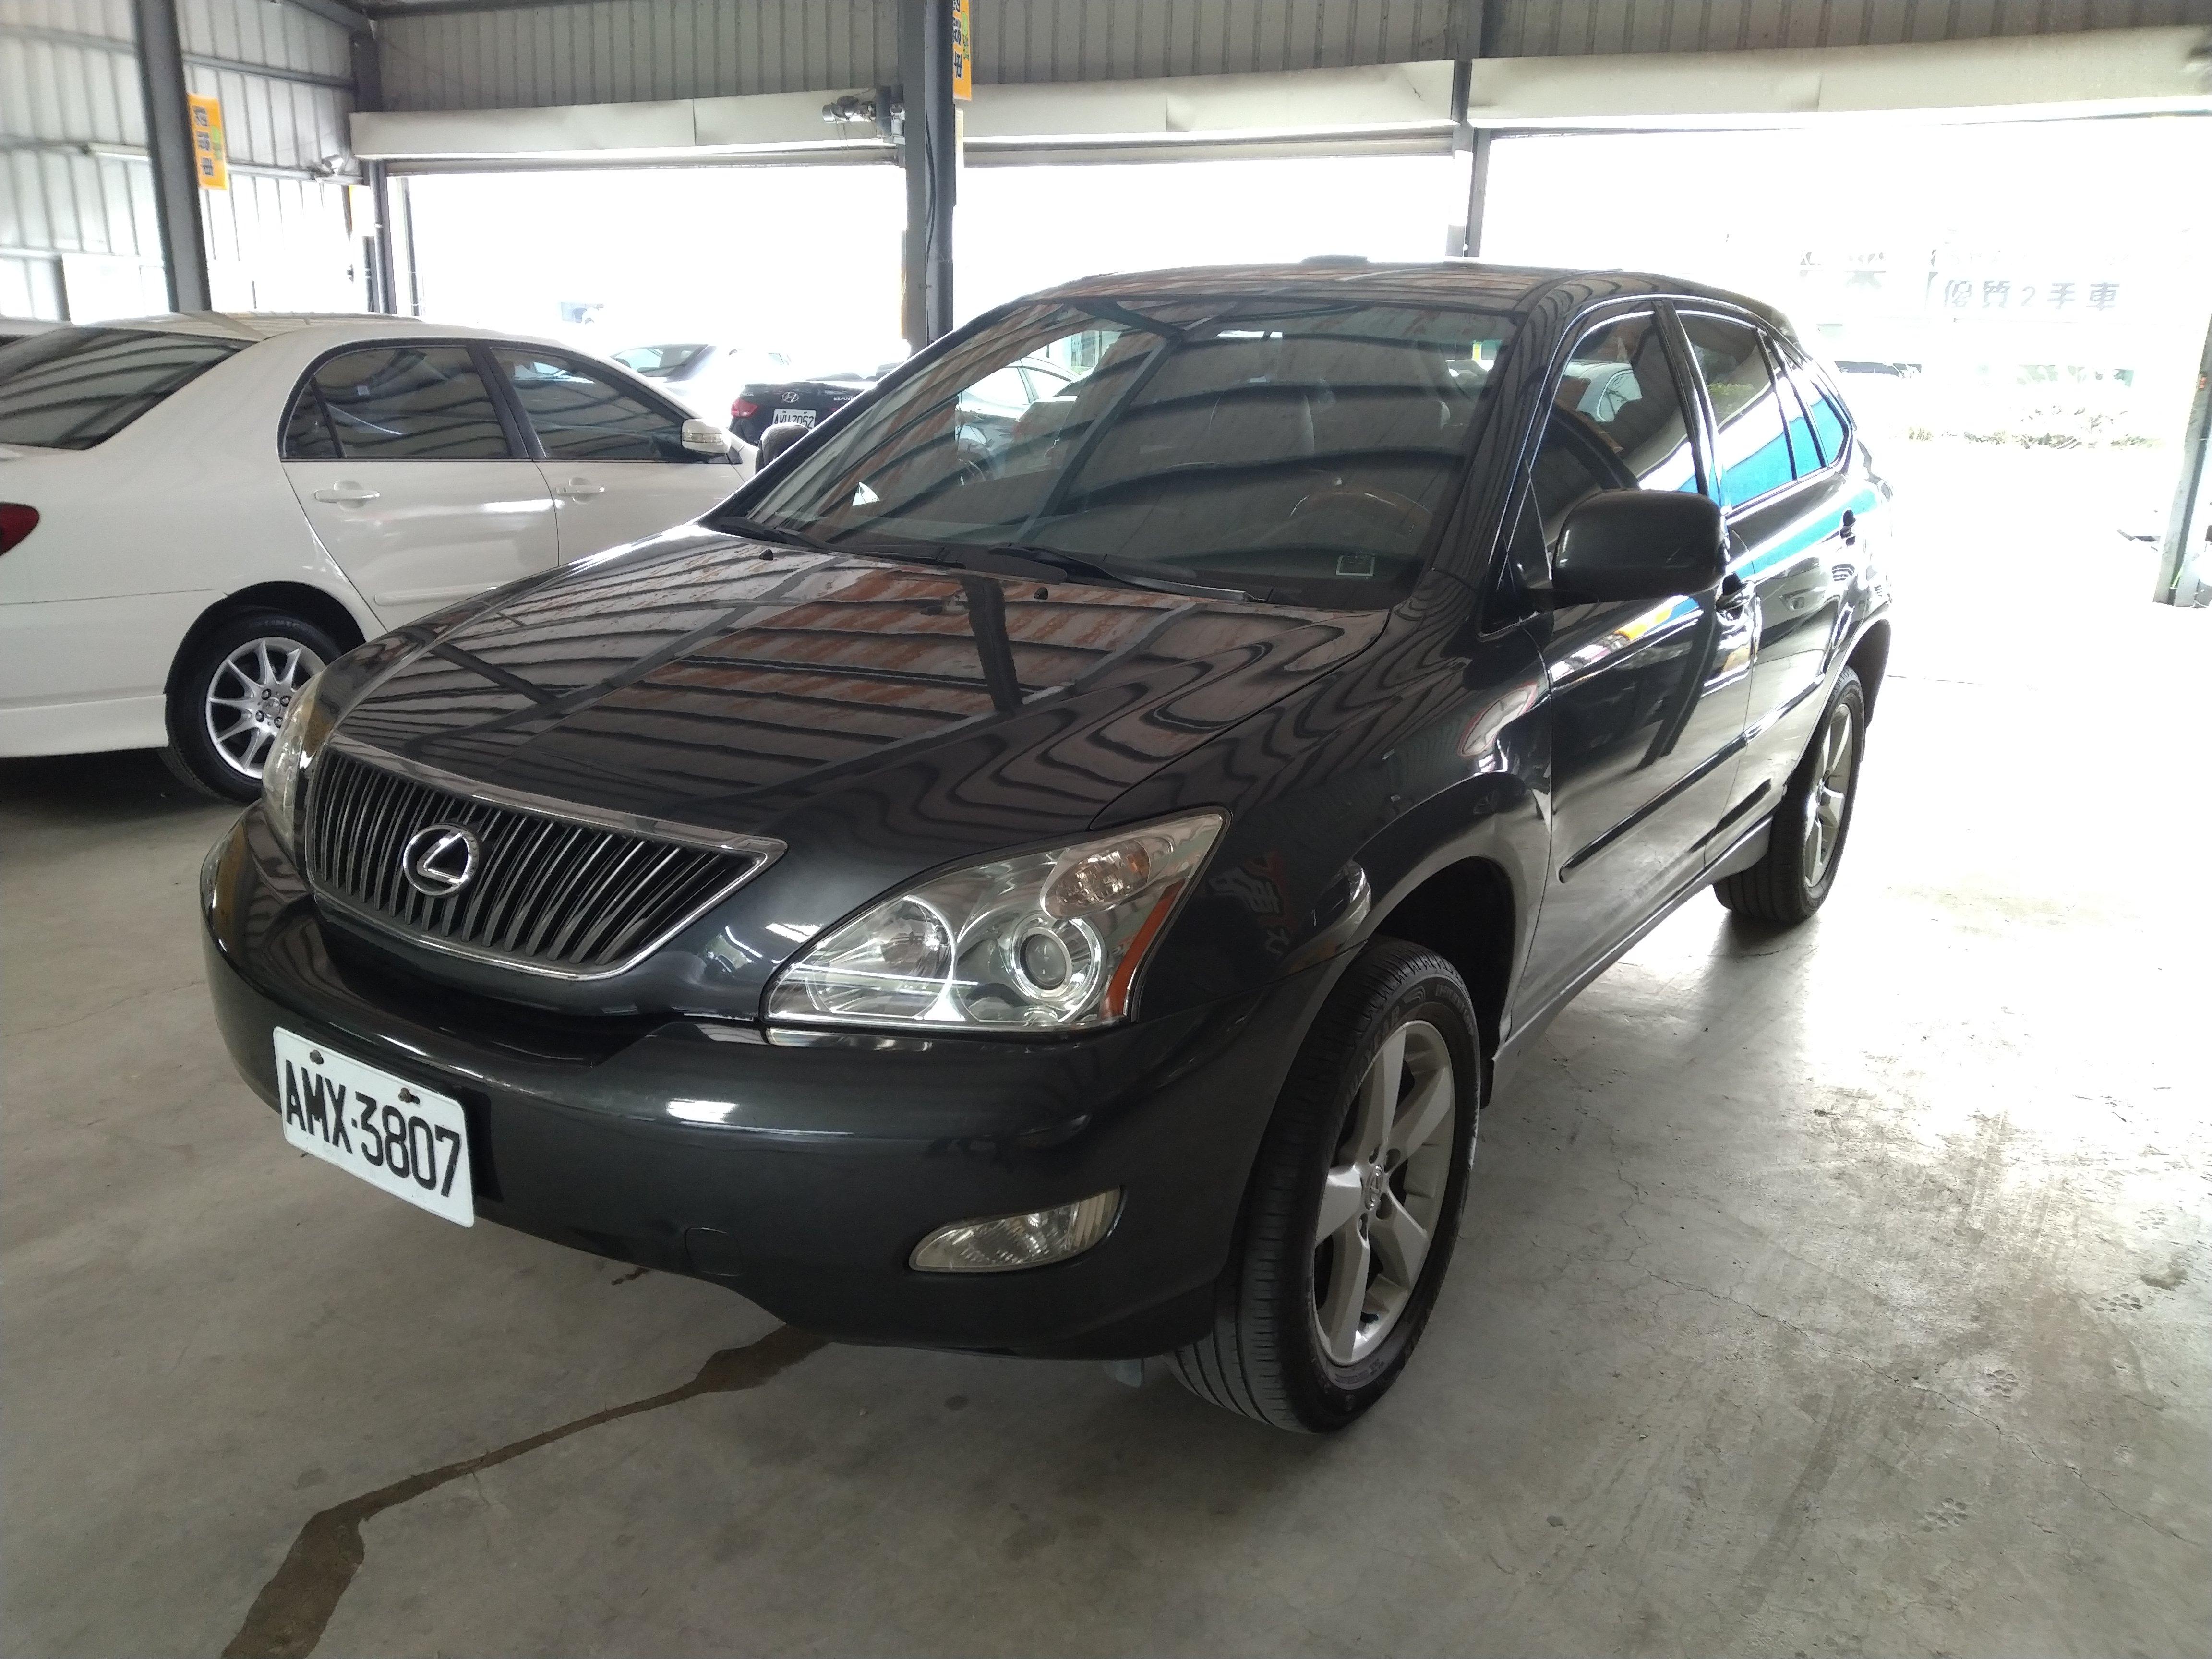 2005 Lexus 凌志 Rx